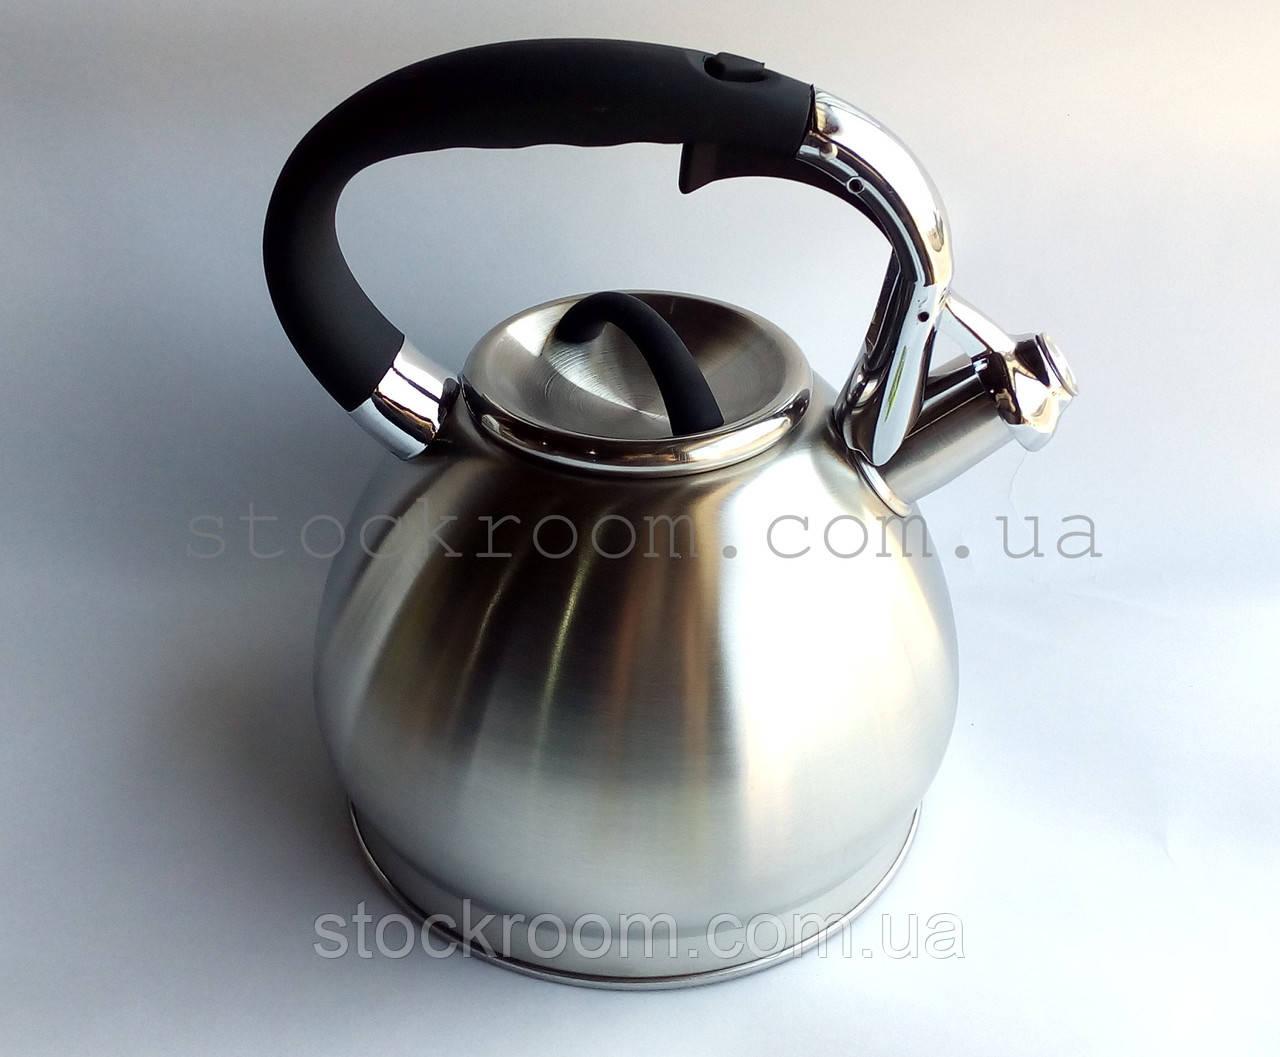 Чайник MPM MCN - 08M из нержавеющей стали 3.0 л